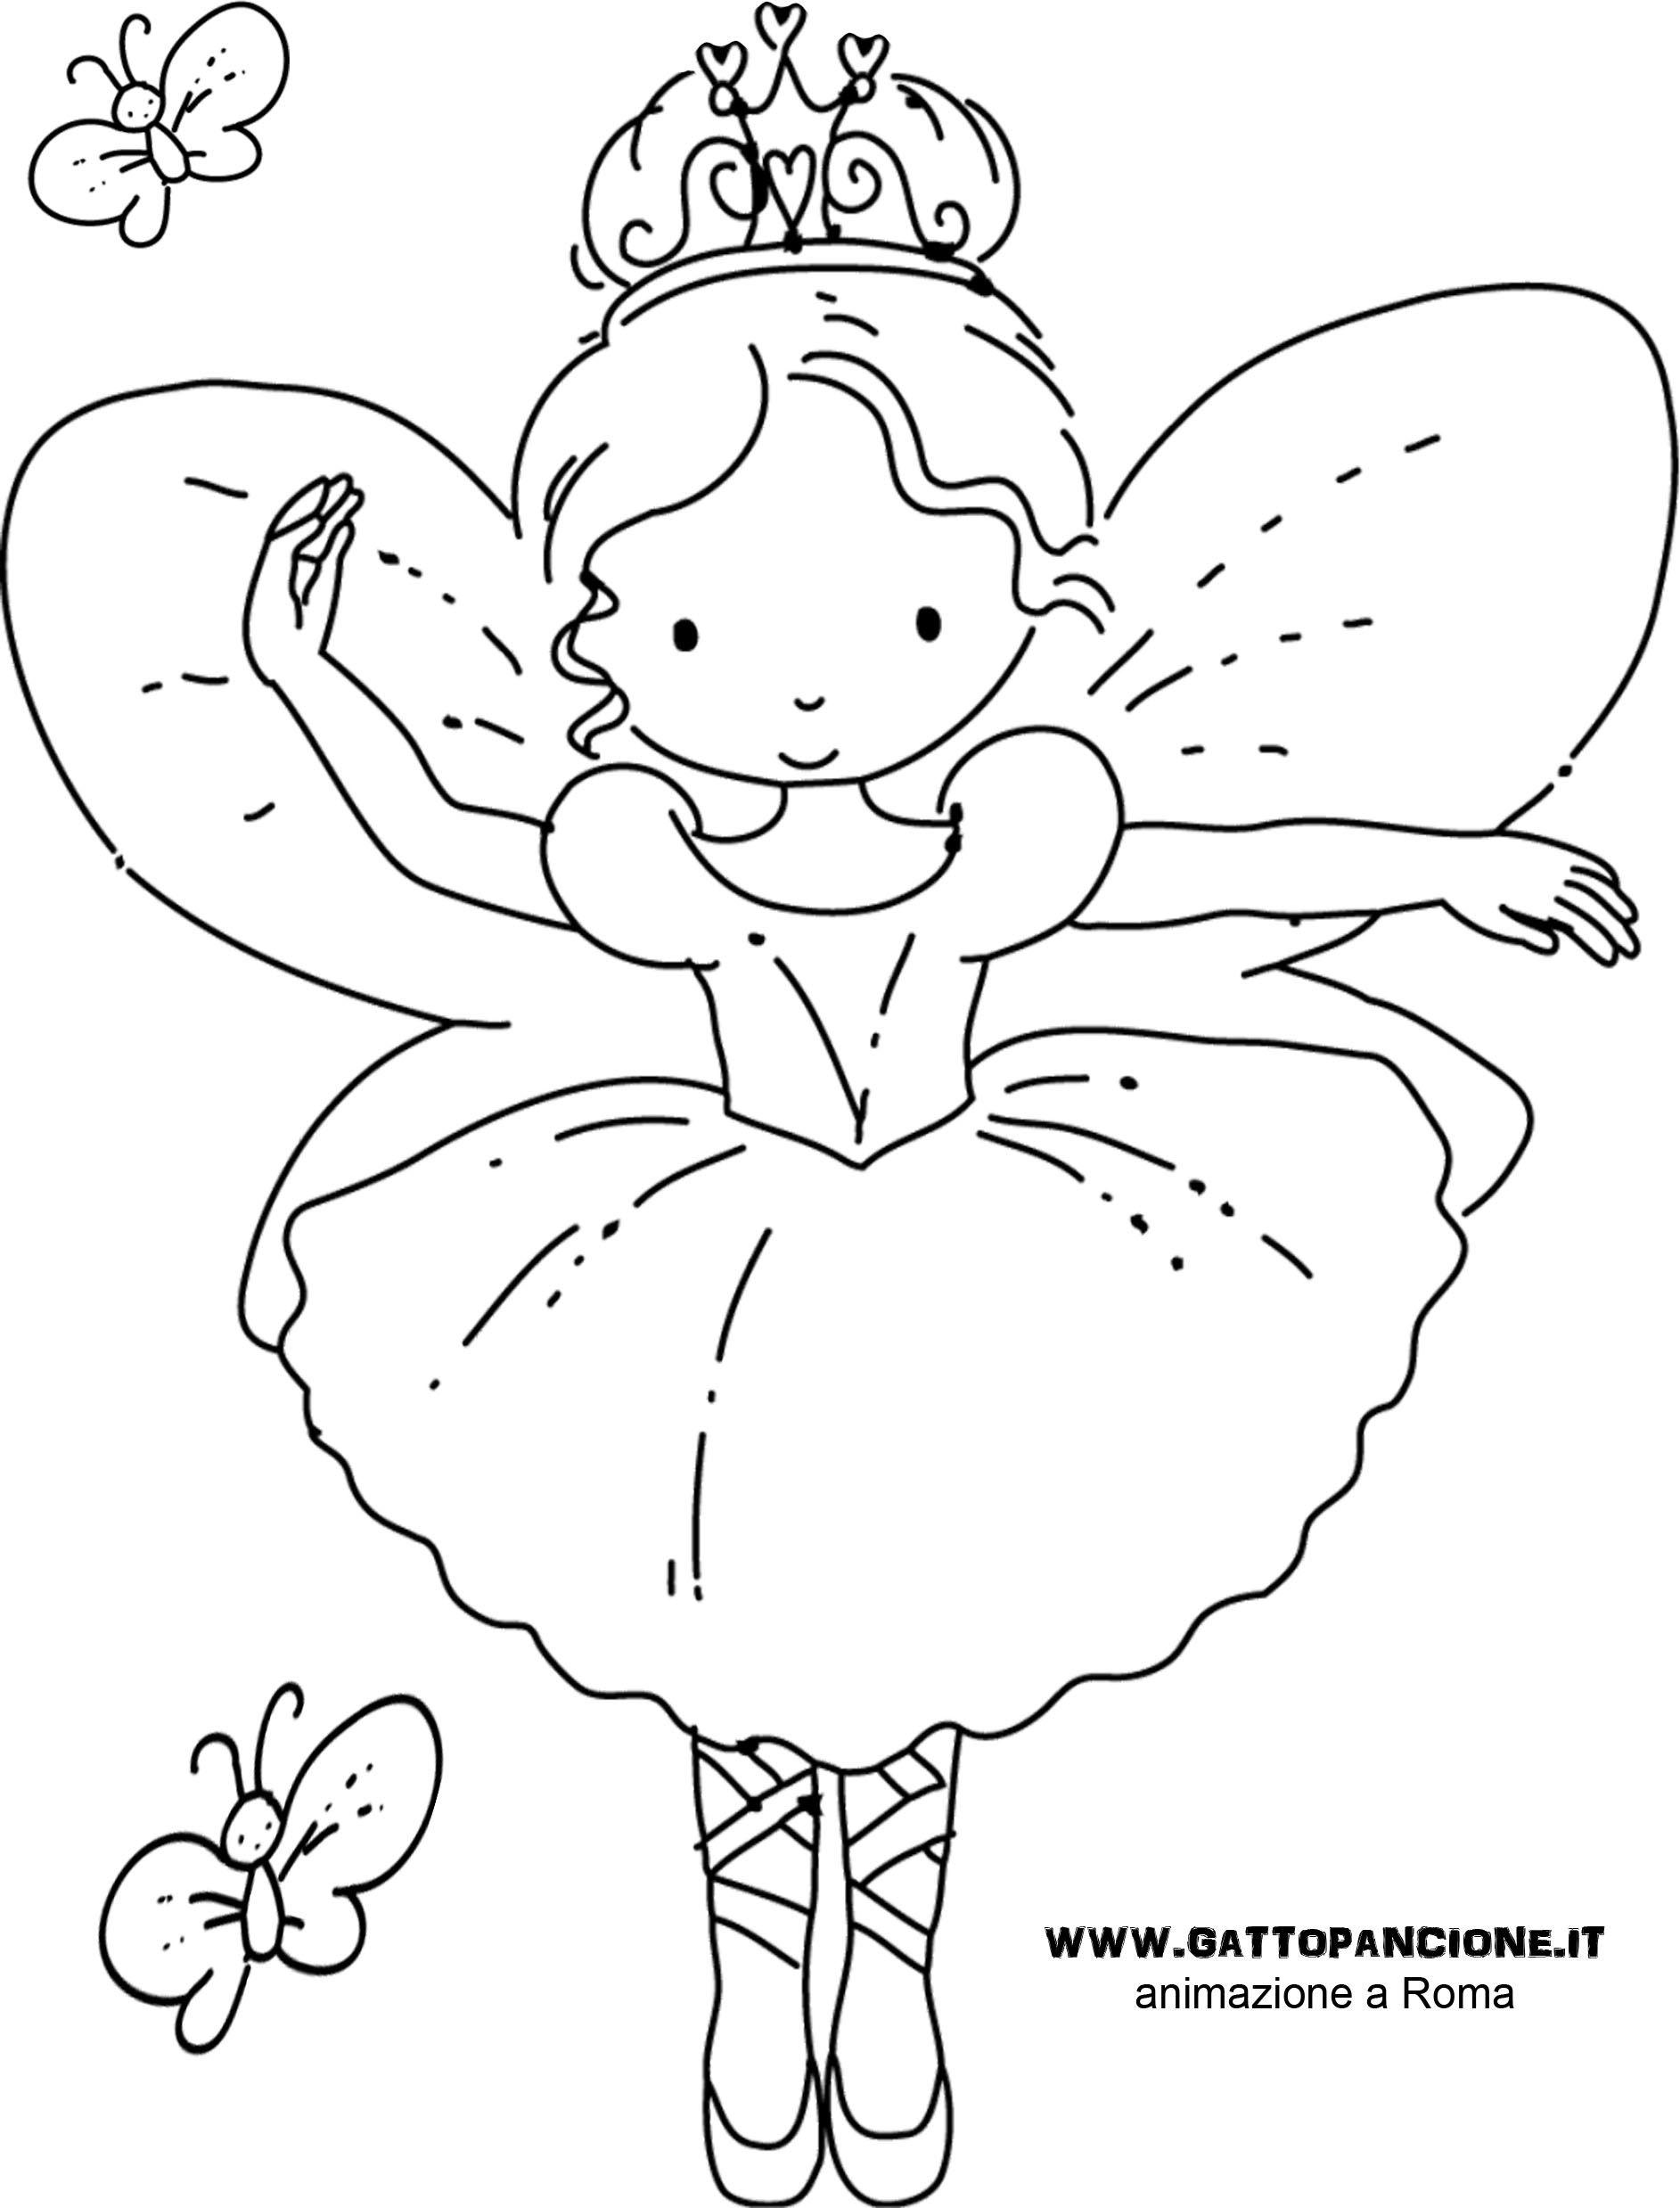 Immagini Da Colorare Animazione Jpg 1885 2477 Ricamo Disegni Disegni Da Colorare Disegni Da Colorare Per Bambini